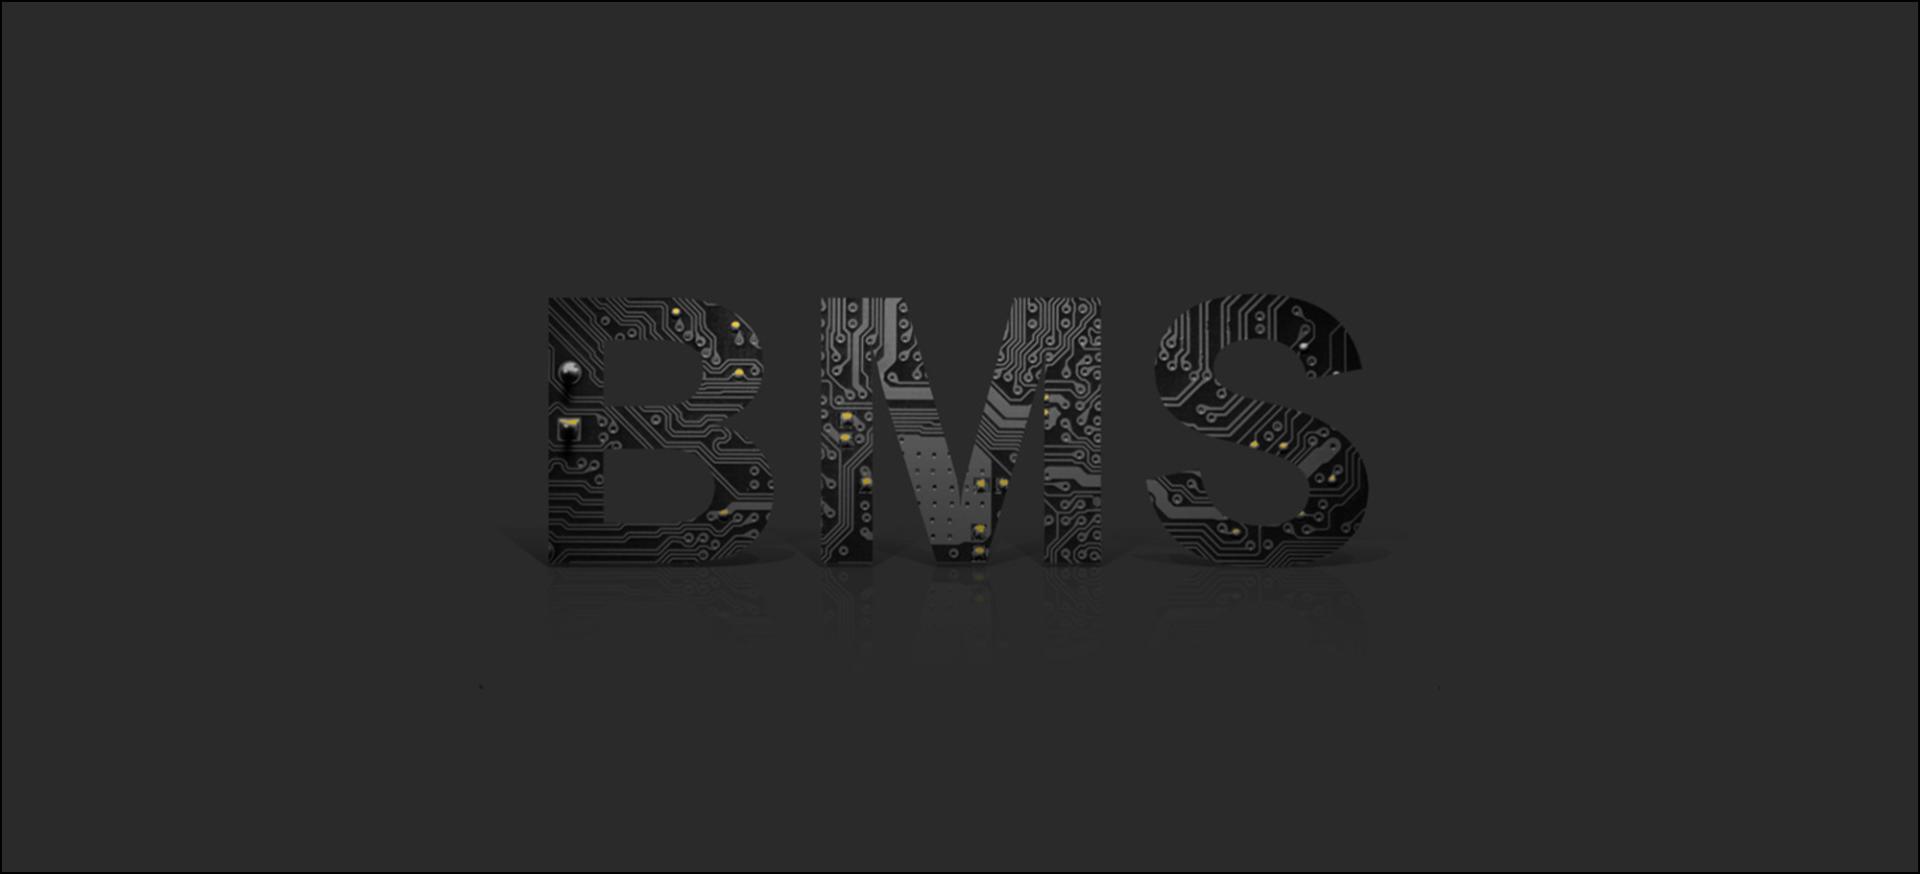 Sistema di Gestione Inteligente della Batteria (BMS)